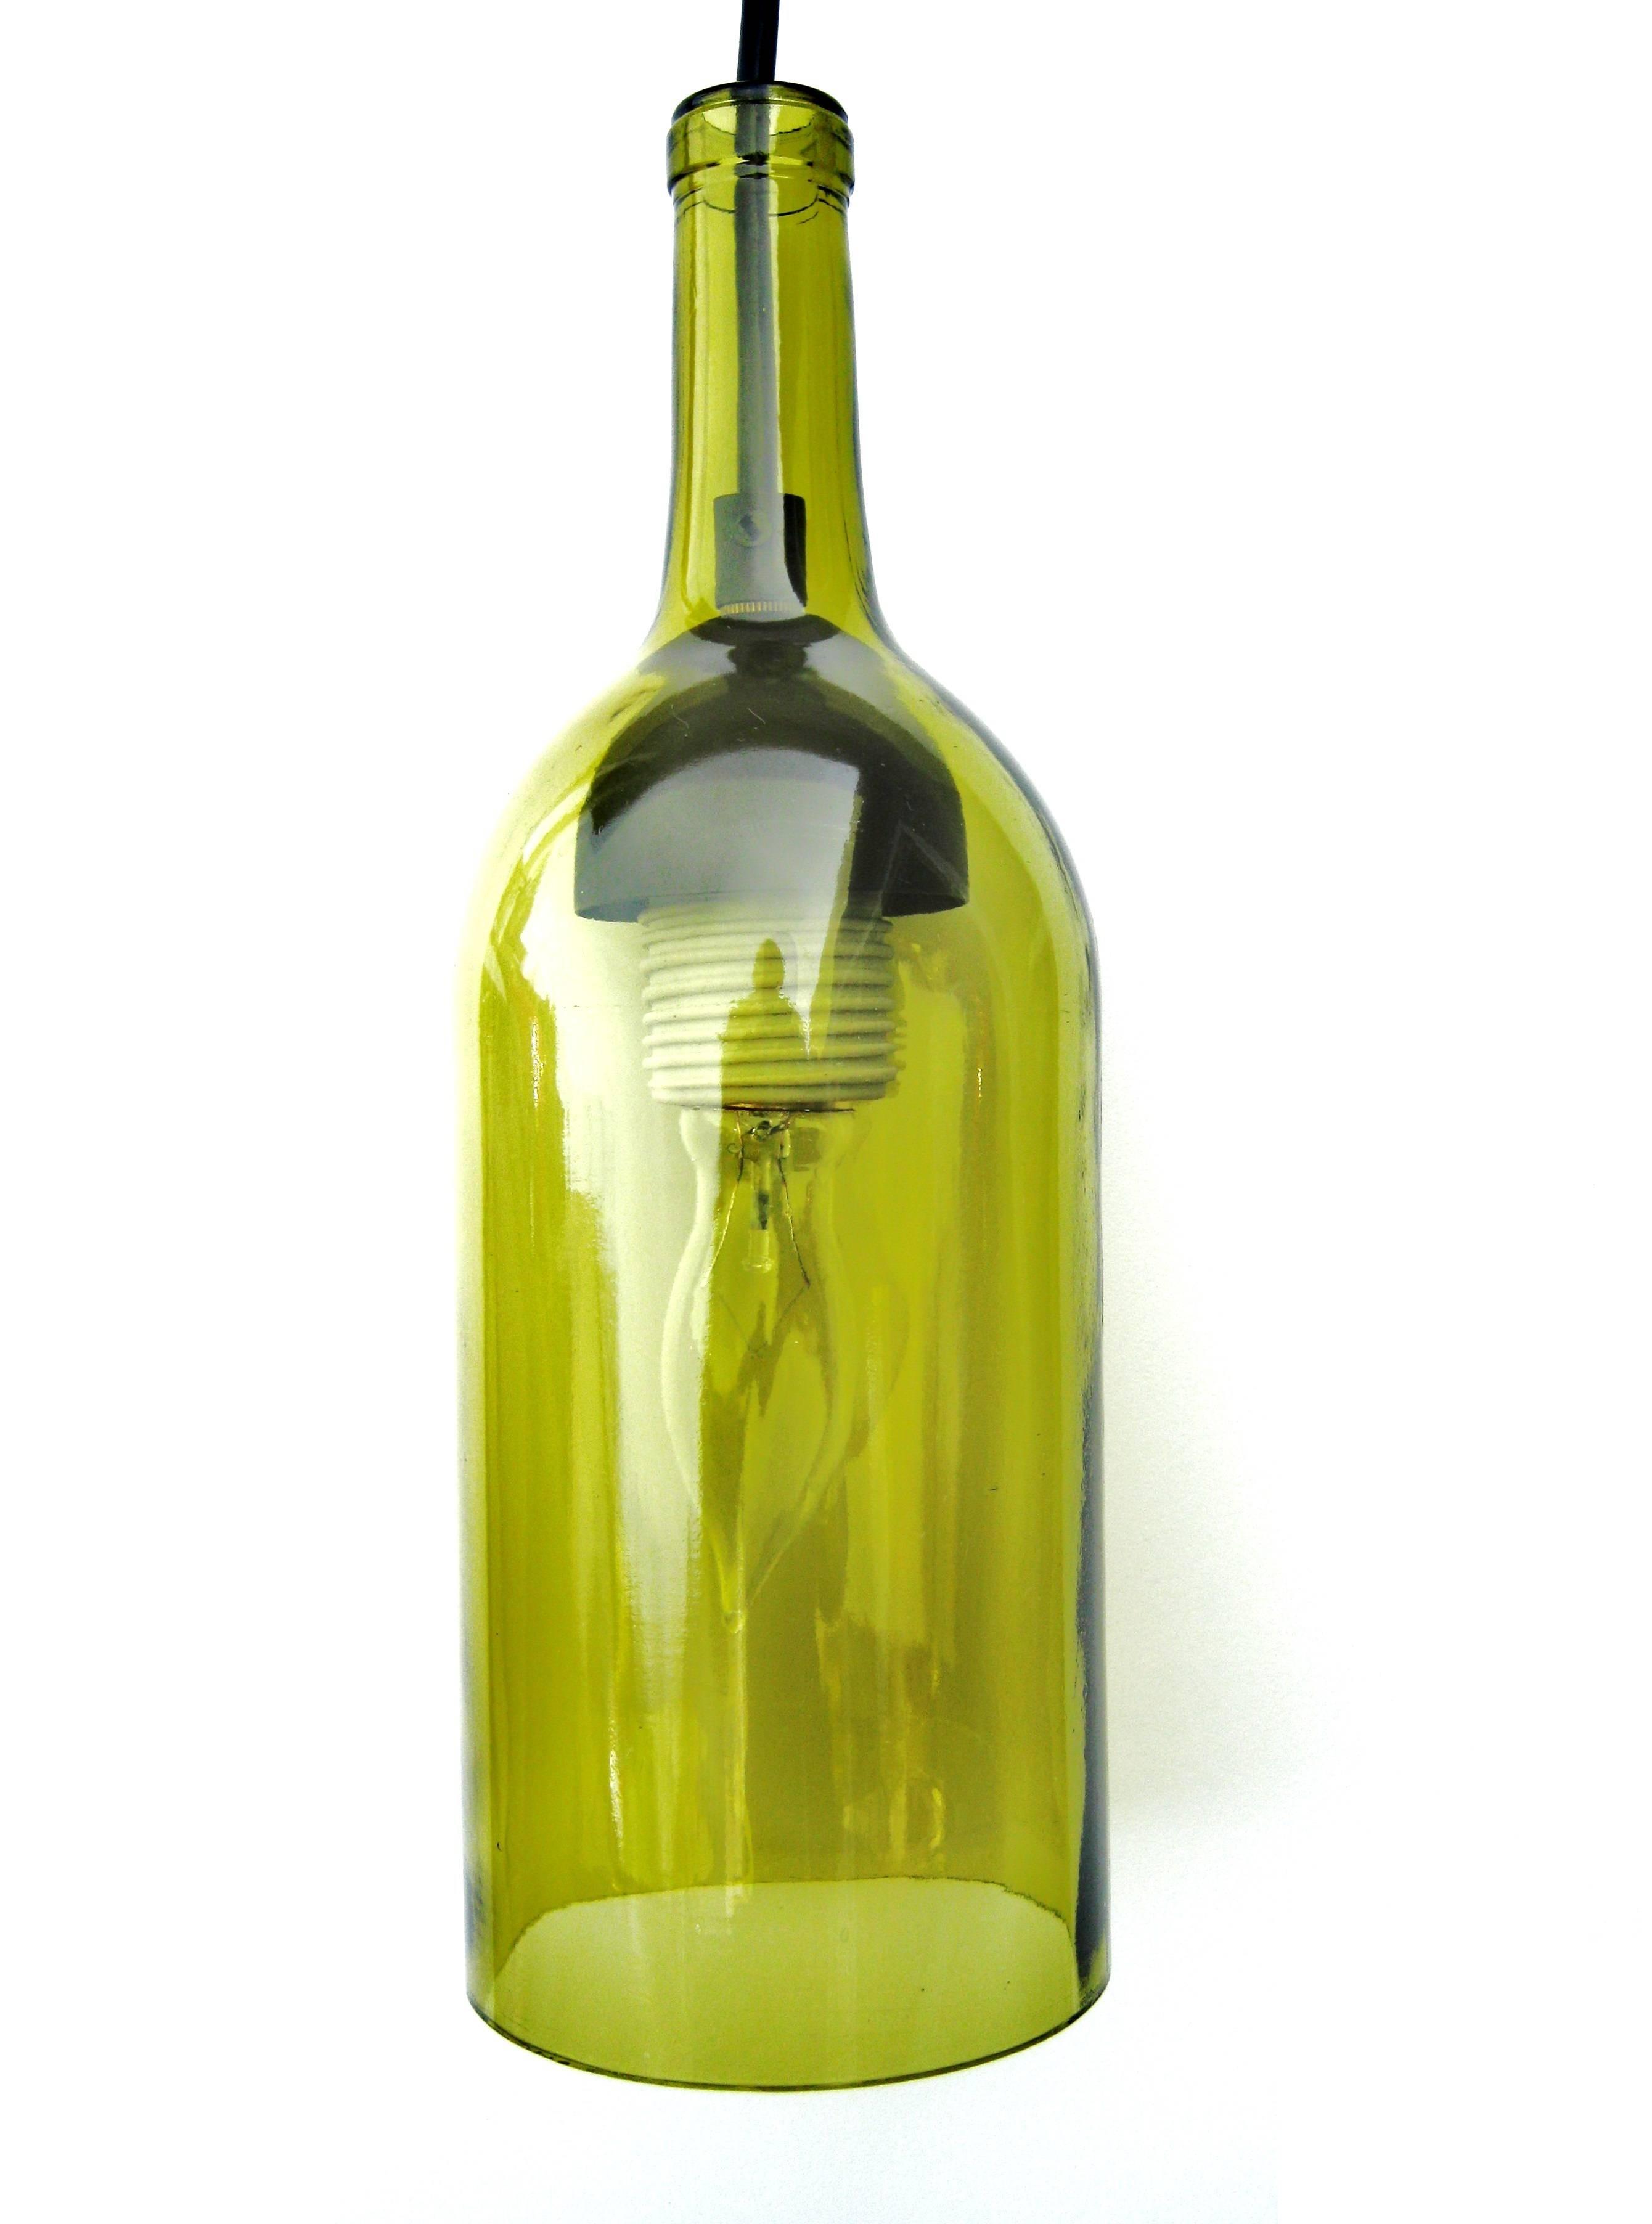 Pendant: Wine Bottle Pendants with Wine Bottle Pendants (Image 6 of 15)